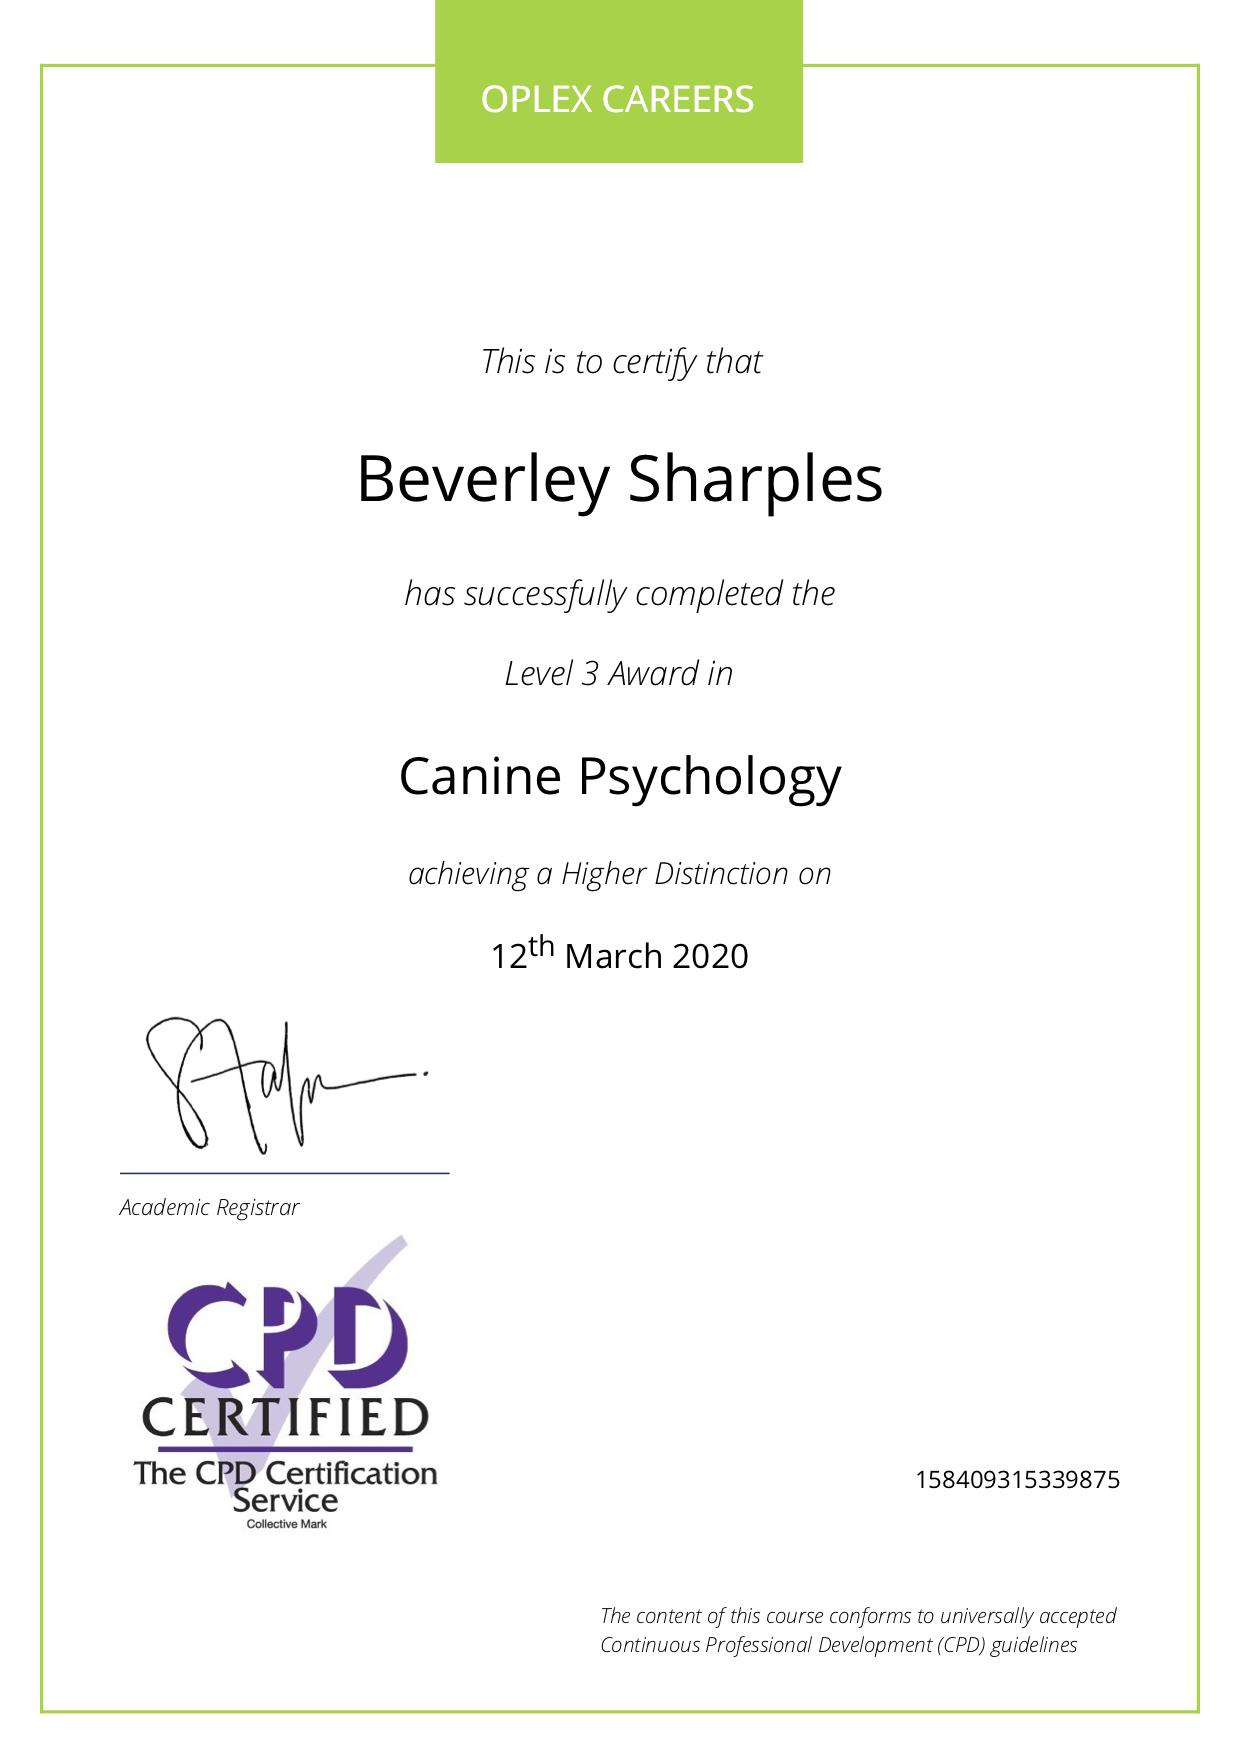 Canine psychology